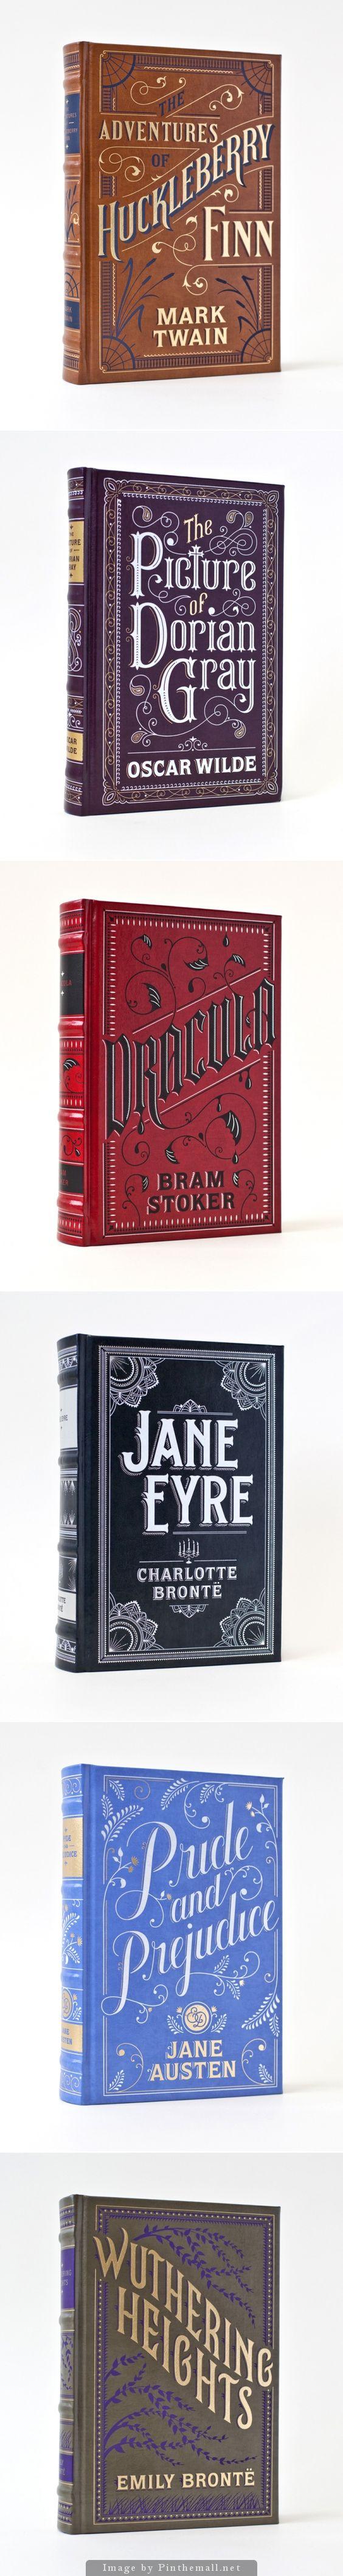 Jessica Hische book cover design